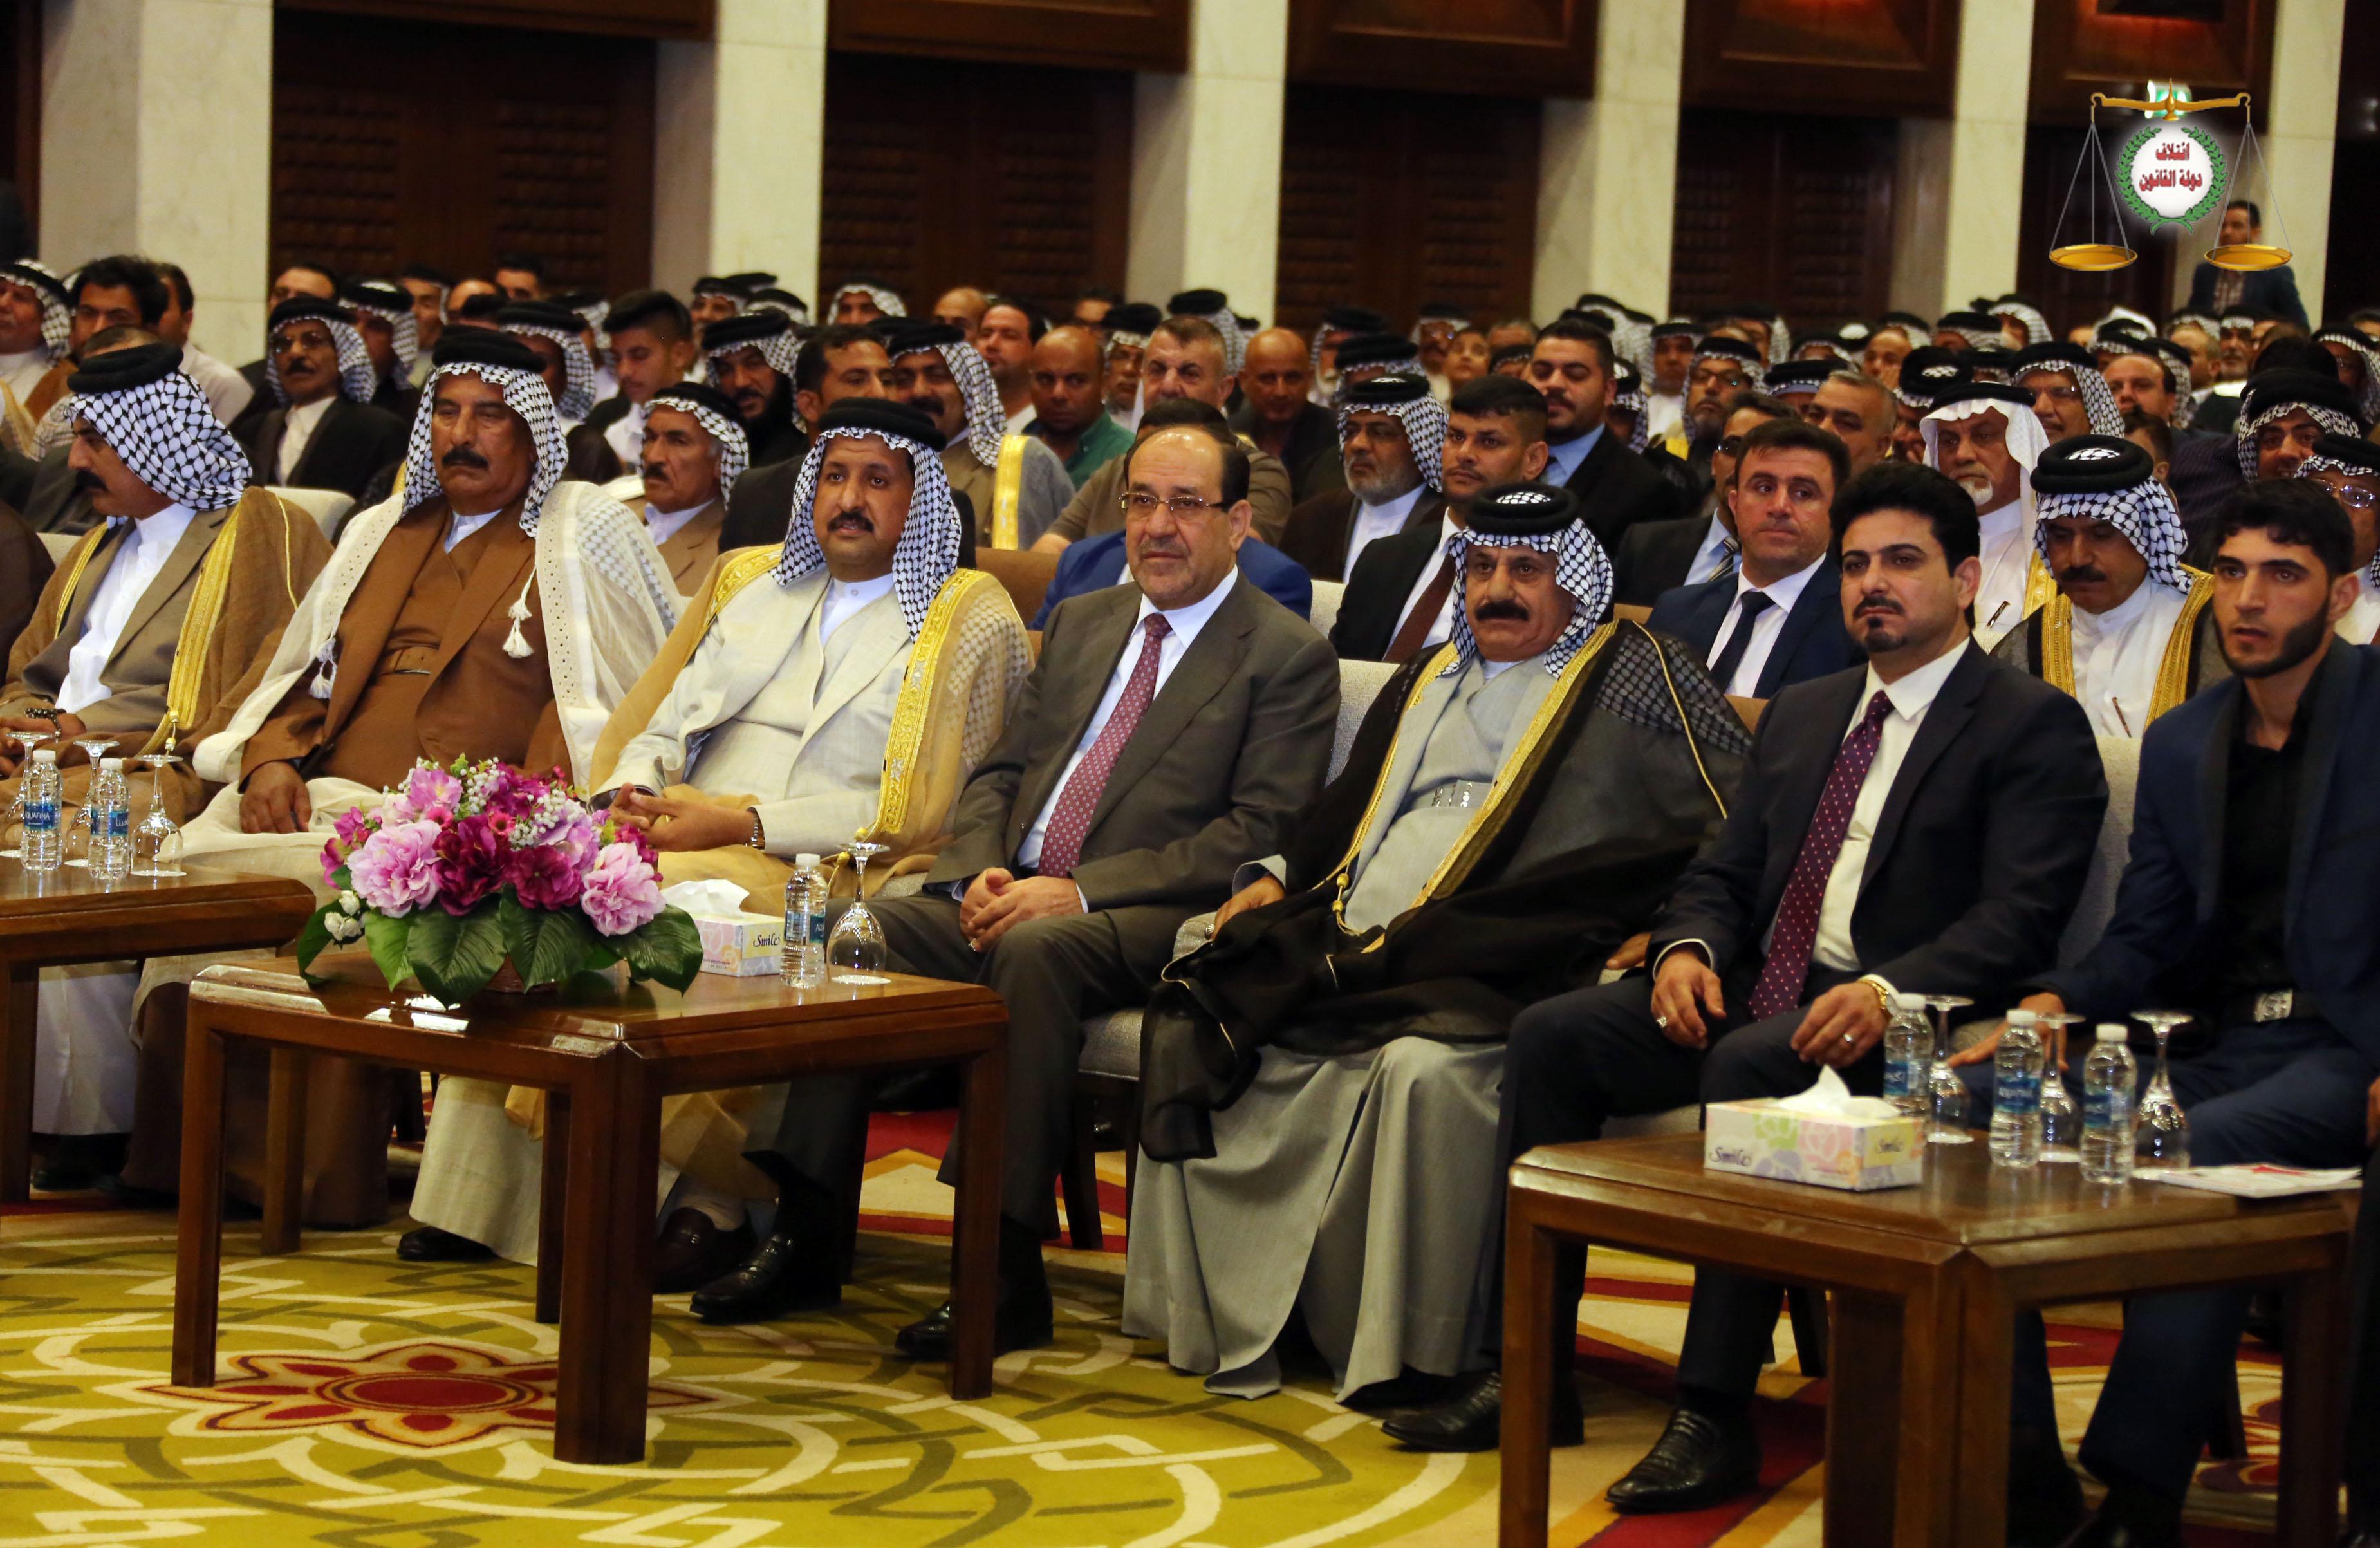 في مؤتمر جماهيري إقامته قبيلة بني كعب في بغداد